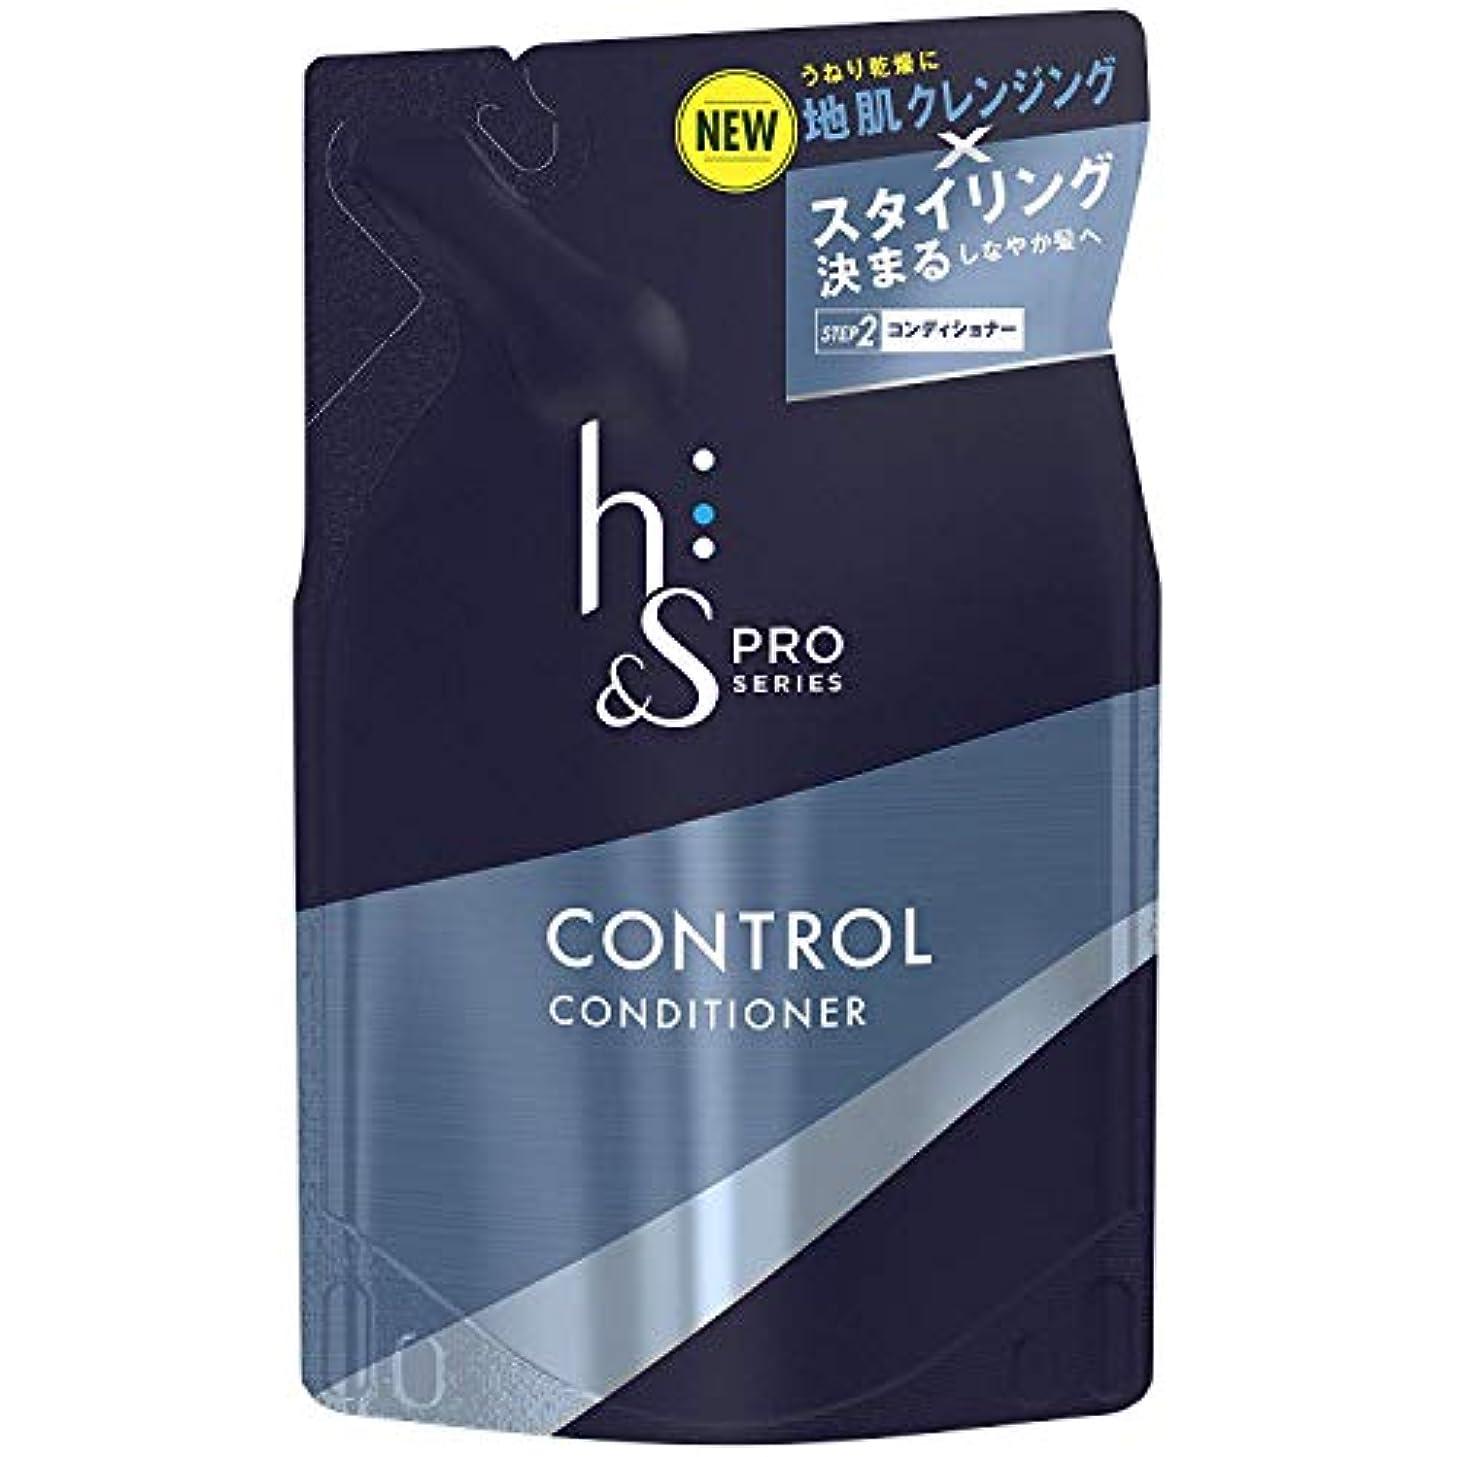 先入観違法飛躍【3個セット】h&s PRO (エイチアンドエス プロ) メンズ コンディショナー コントロール 詰め替え (スタイリング重視) 300g